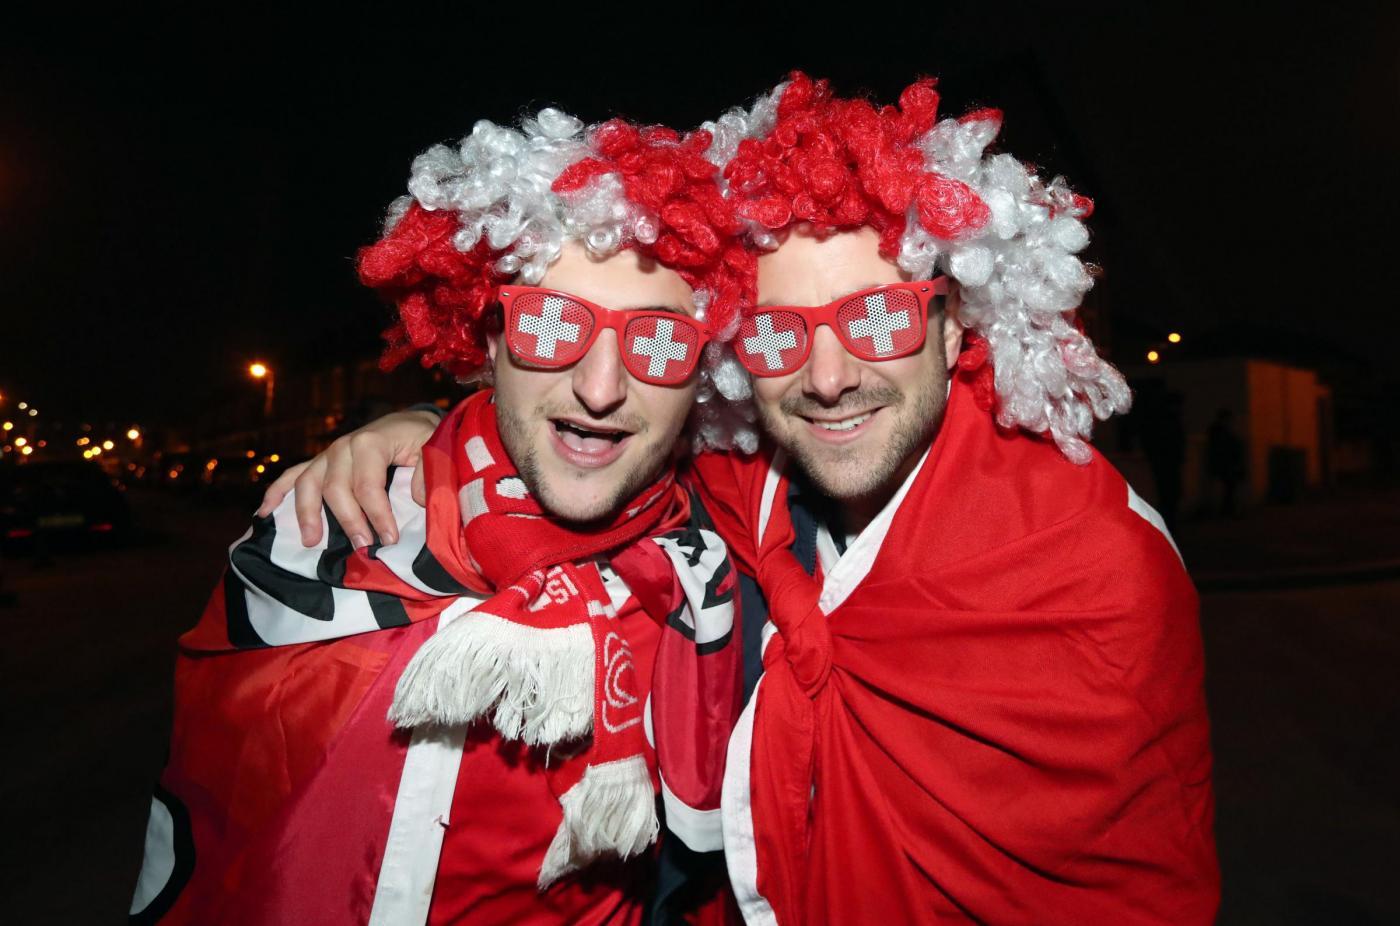 Svizzera Super League sabato 20 aprile. In Svizzera si chiude la 30ma giornata della Super League. Young Boys primo a quota 78, +25 sul Basilea